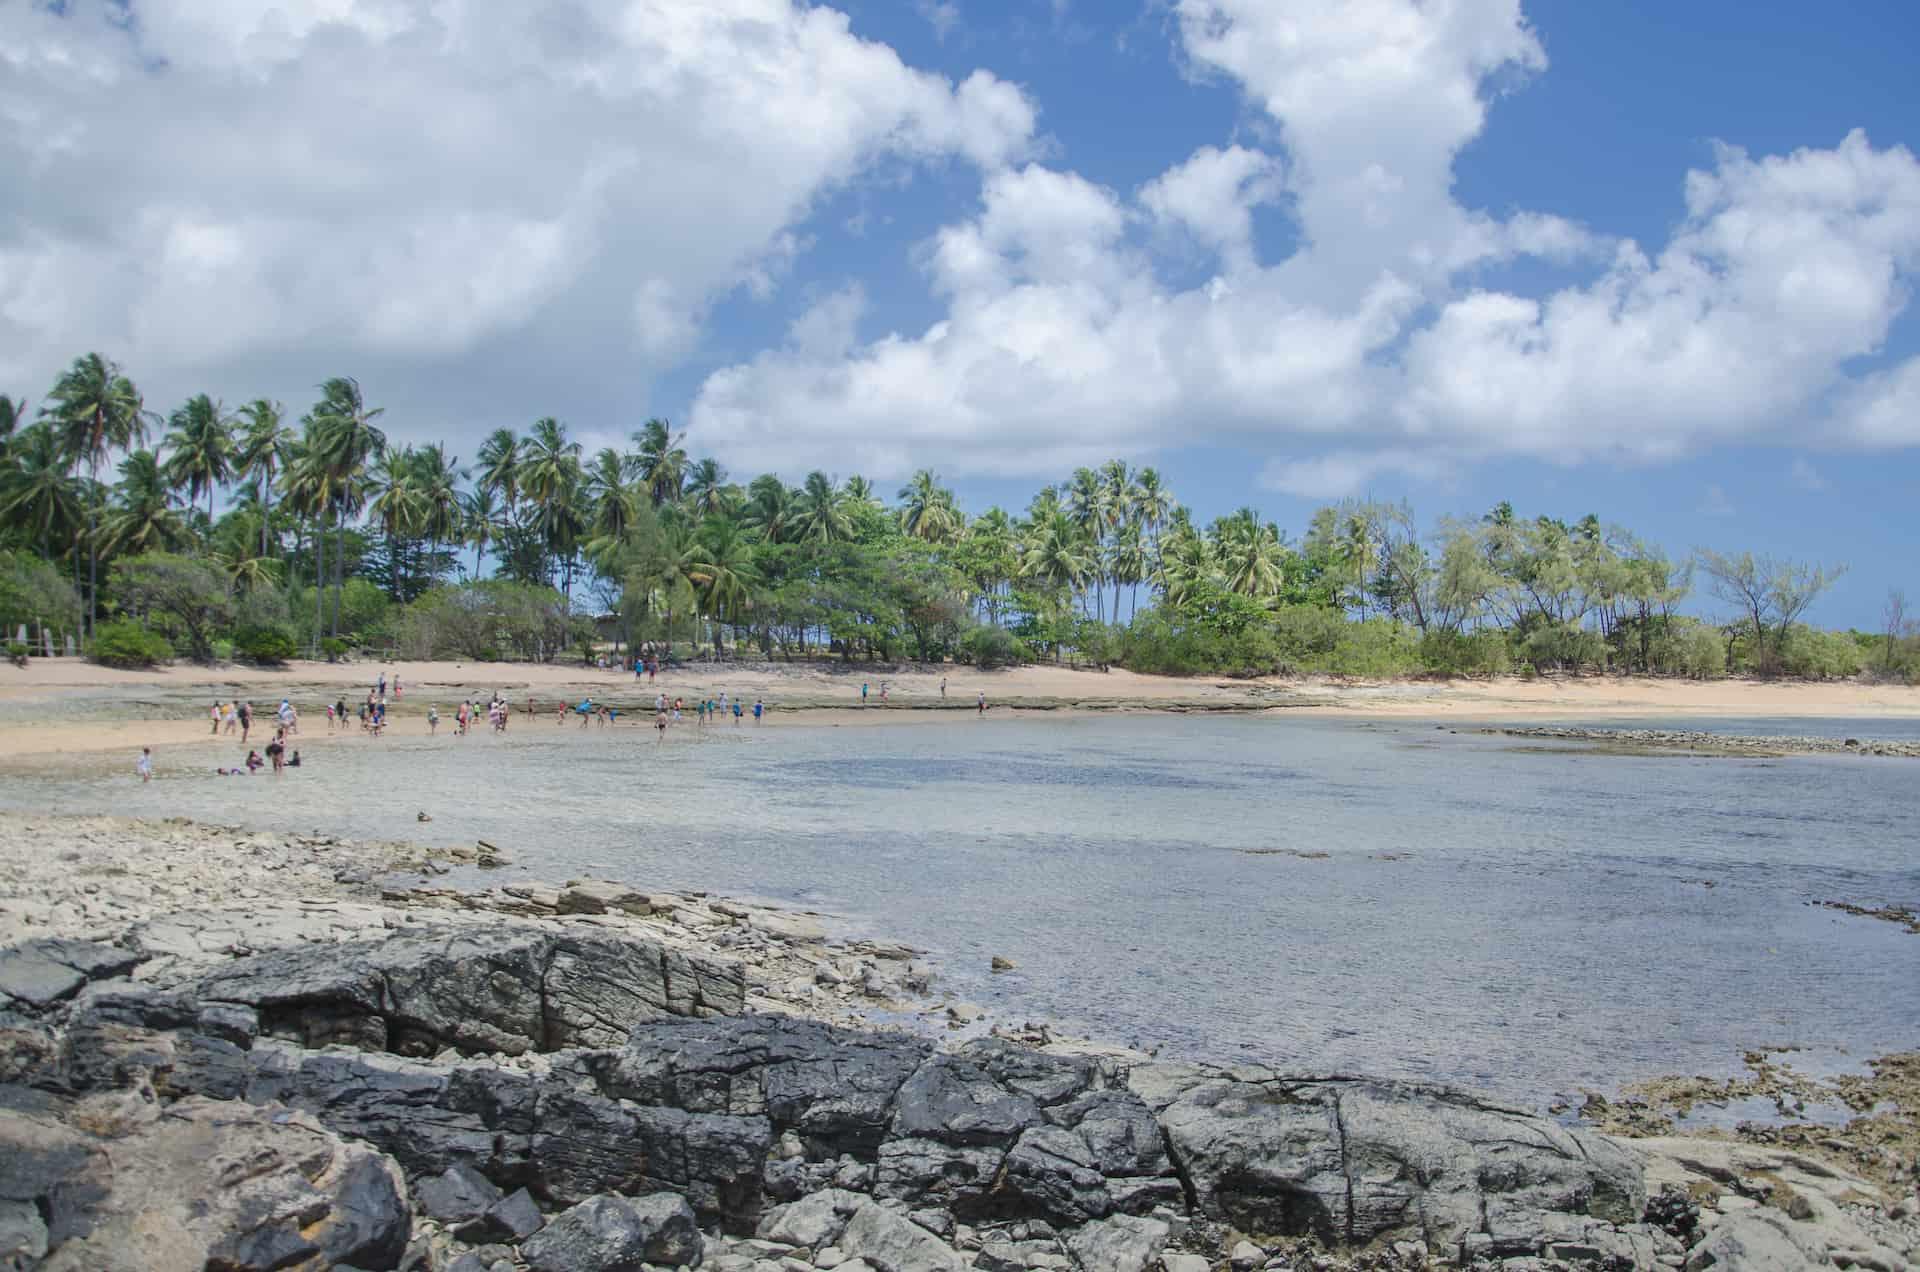 Las aguas azules claro de la Isla de Santo Aleixo, en Pernambuco